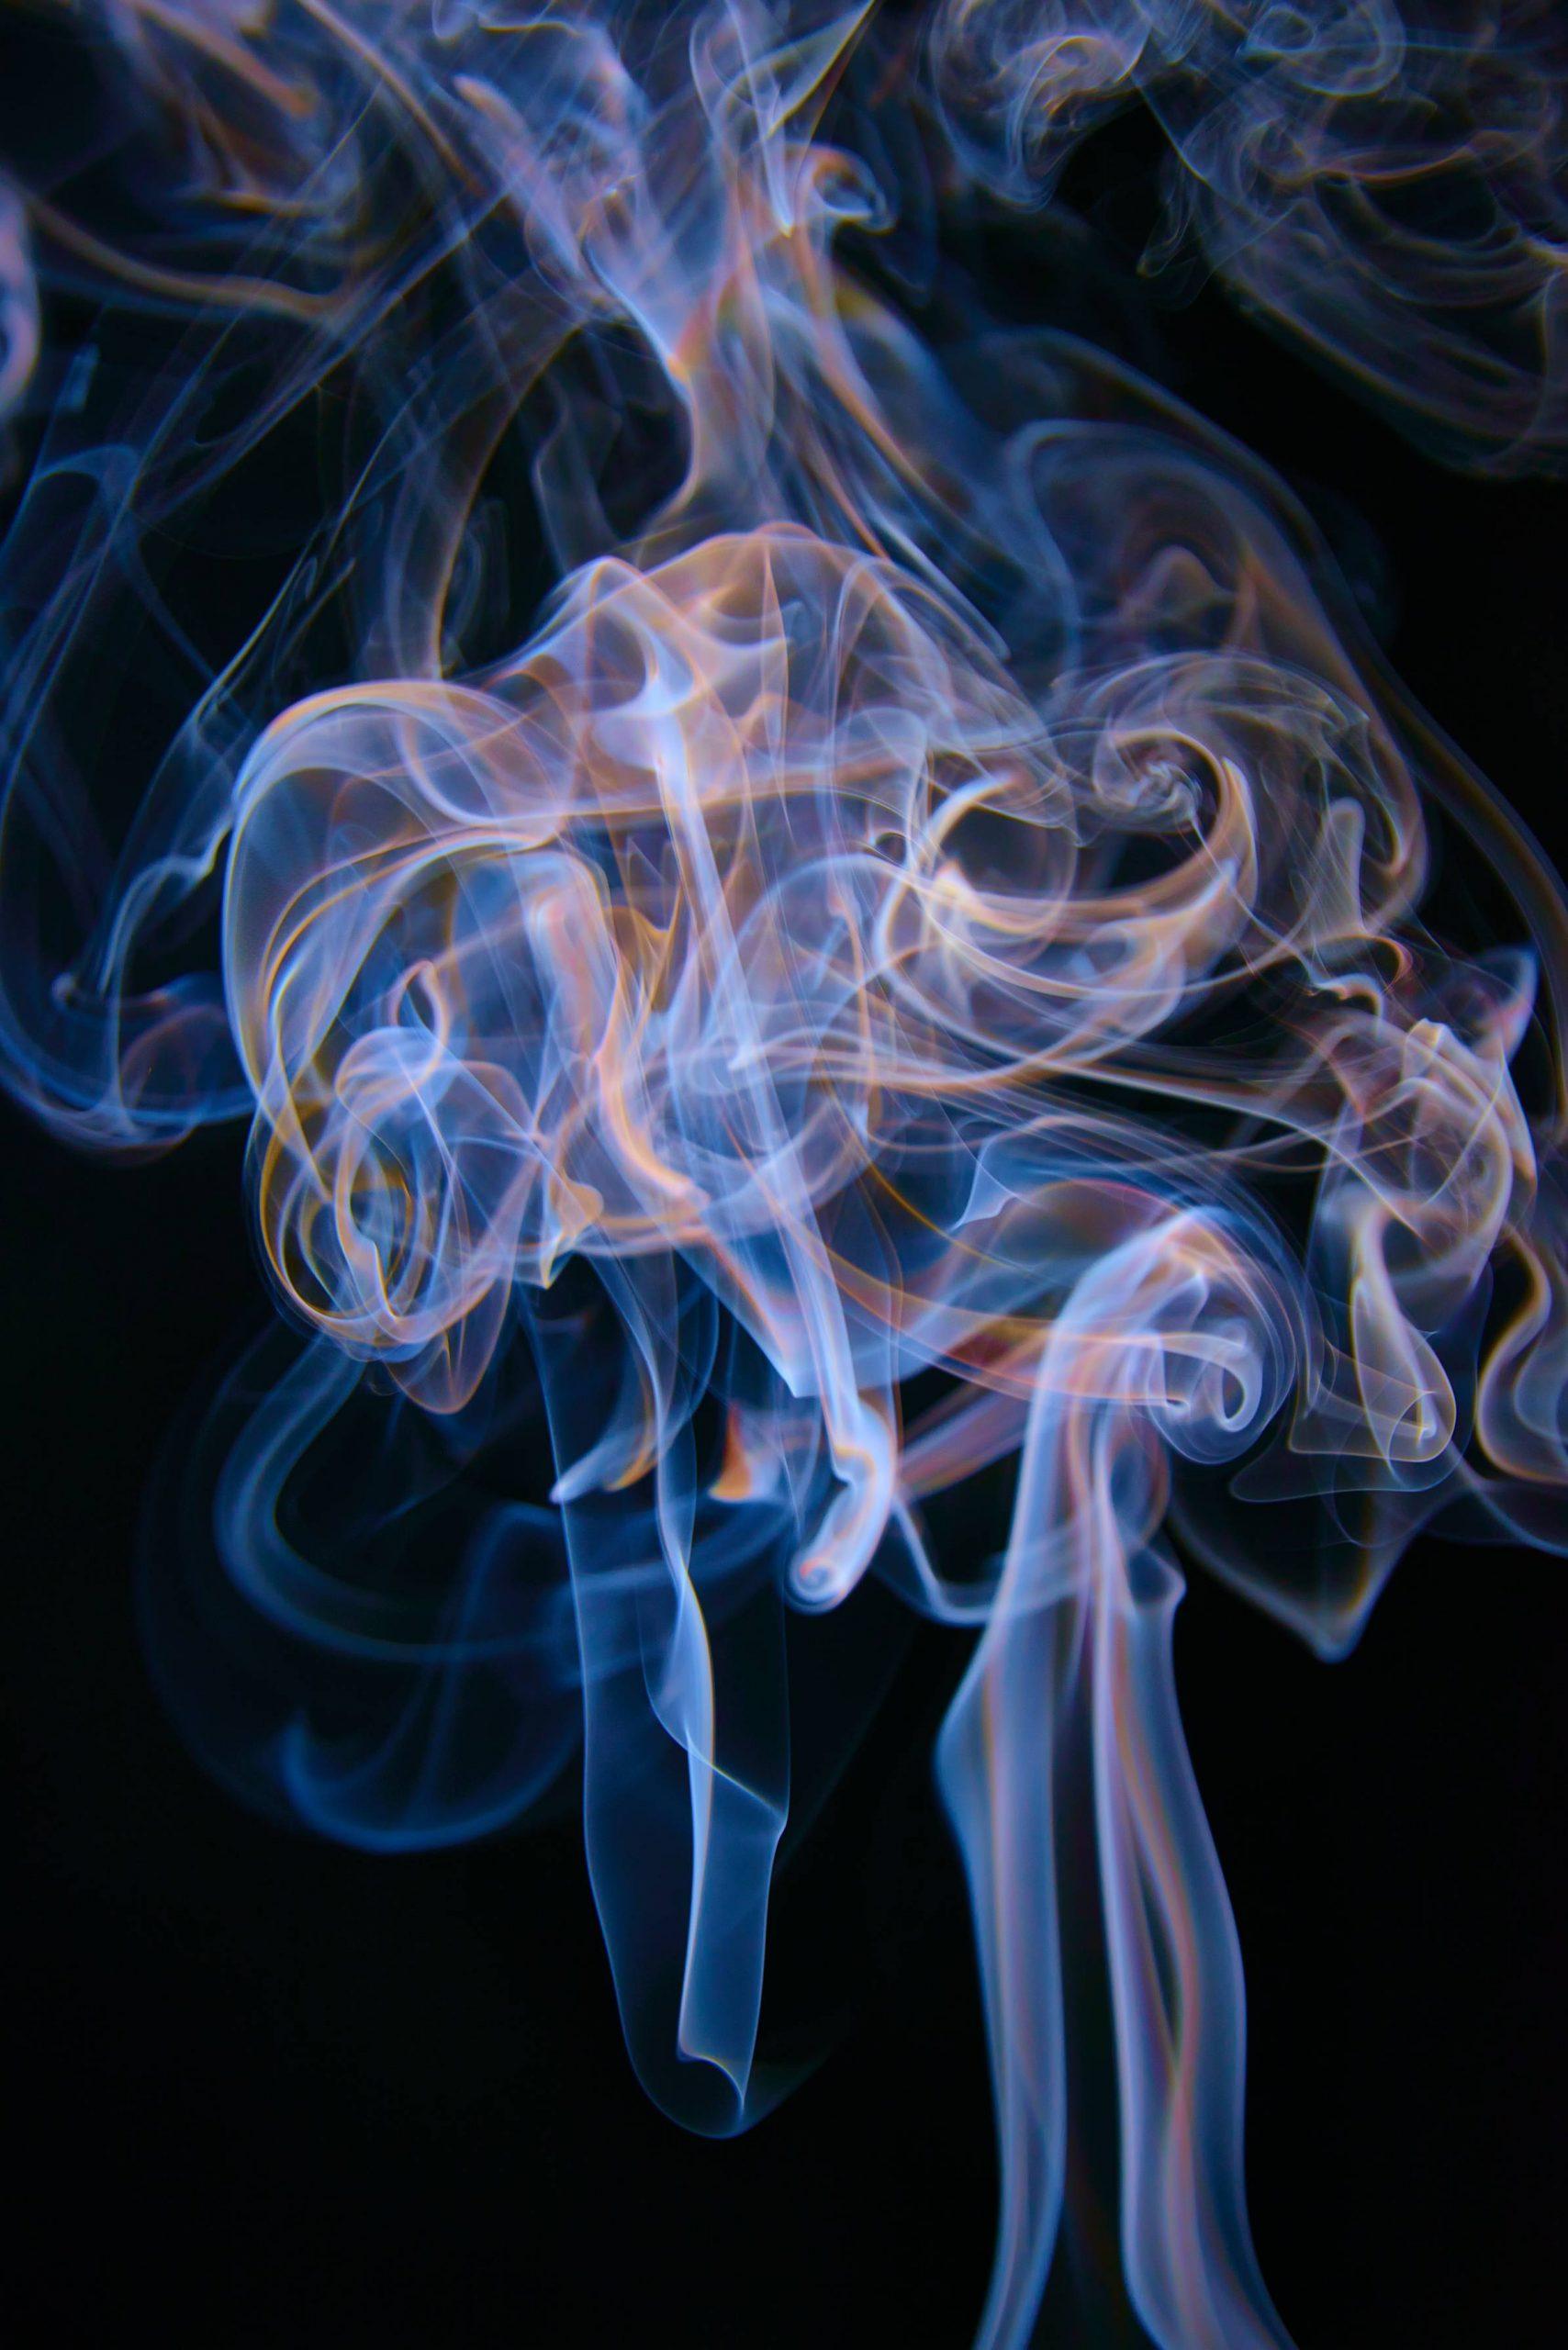 Konst: Nytt verk av fotograf Hendrik Jan Jager: färgad rök @Gallery CommunicationinArt